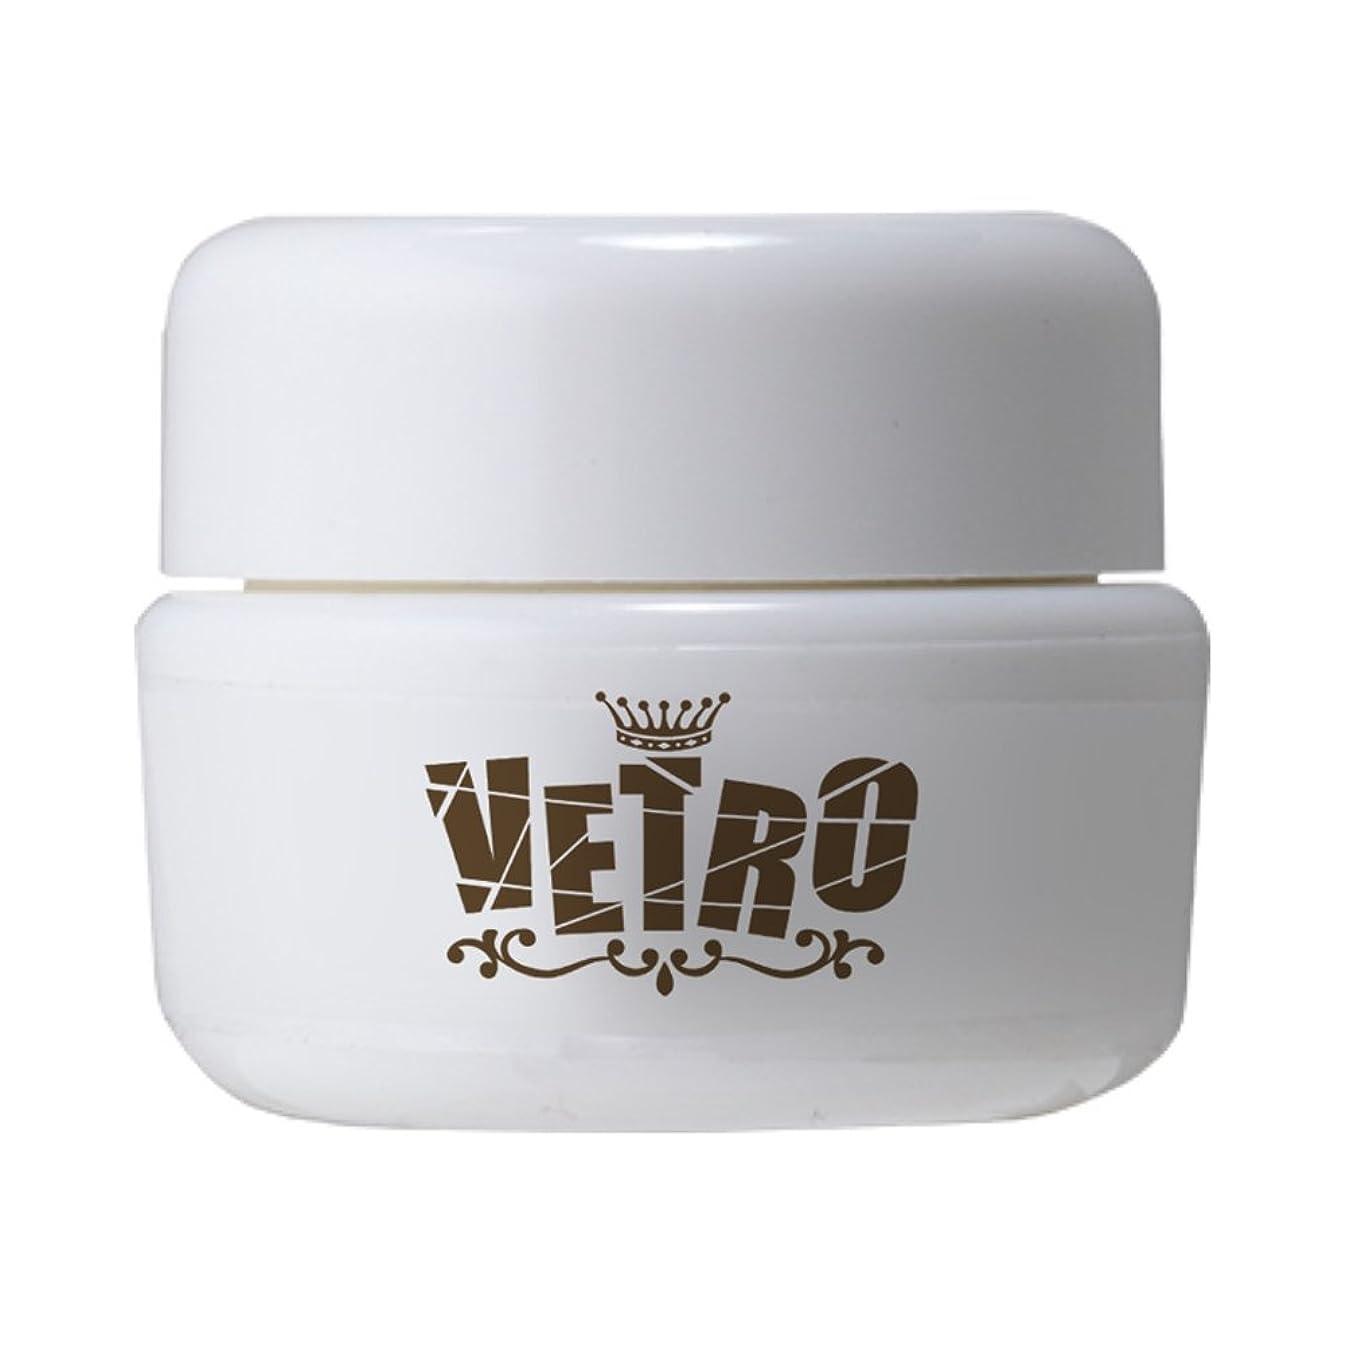 音楽を聴く安らぎ付与VETRO カラージェル VL101 シャーベットブルー 4ml テクスチャー:ノーマル パール UV/LED対応